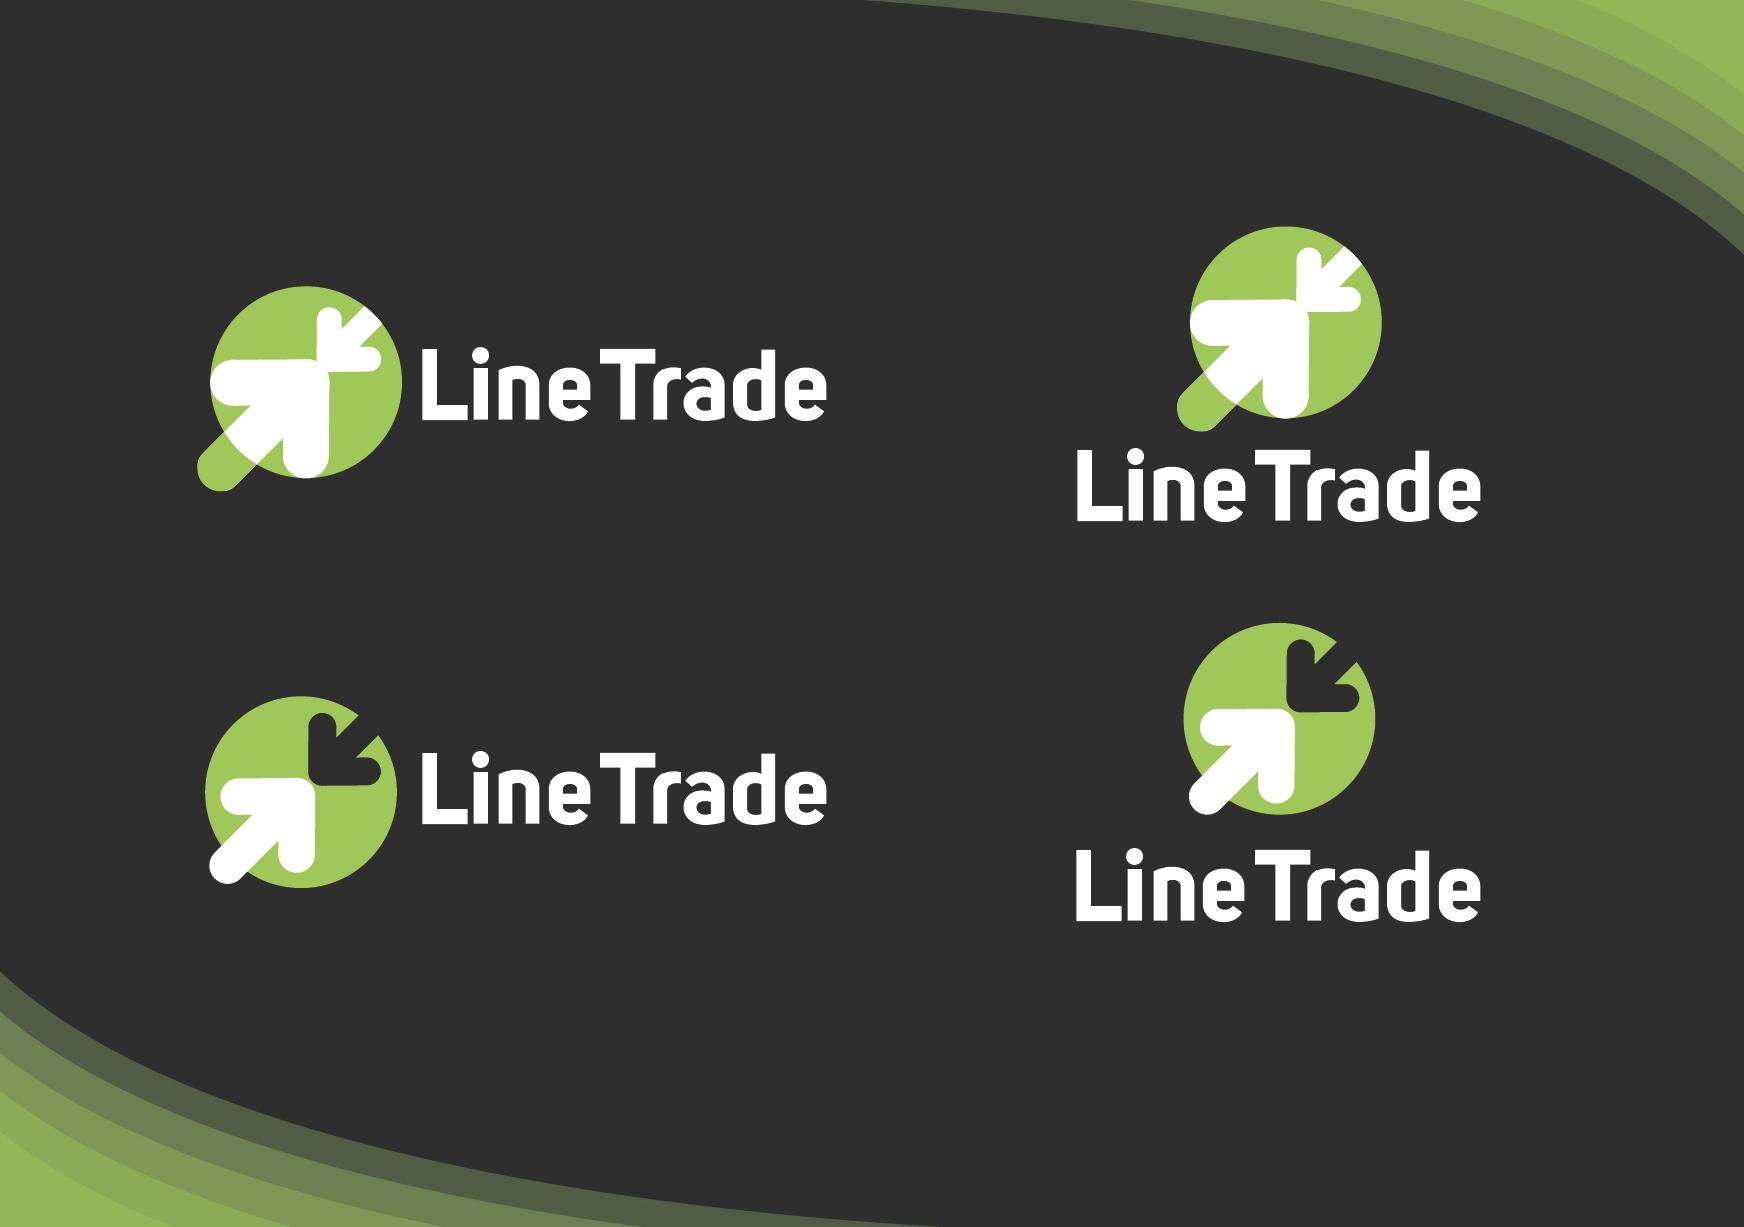 Разработка логотипа компании Line Trade фото f_01650feb66464a6c.jpg